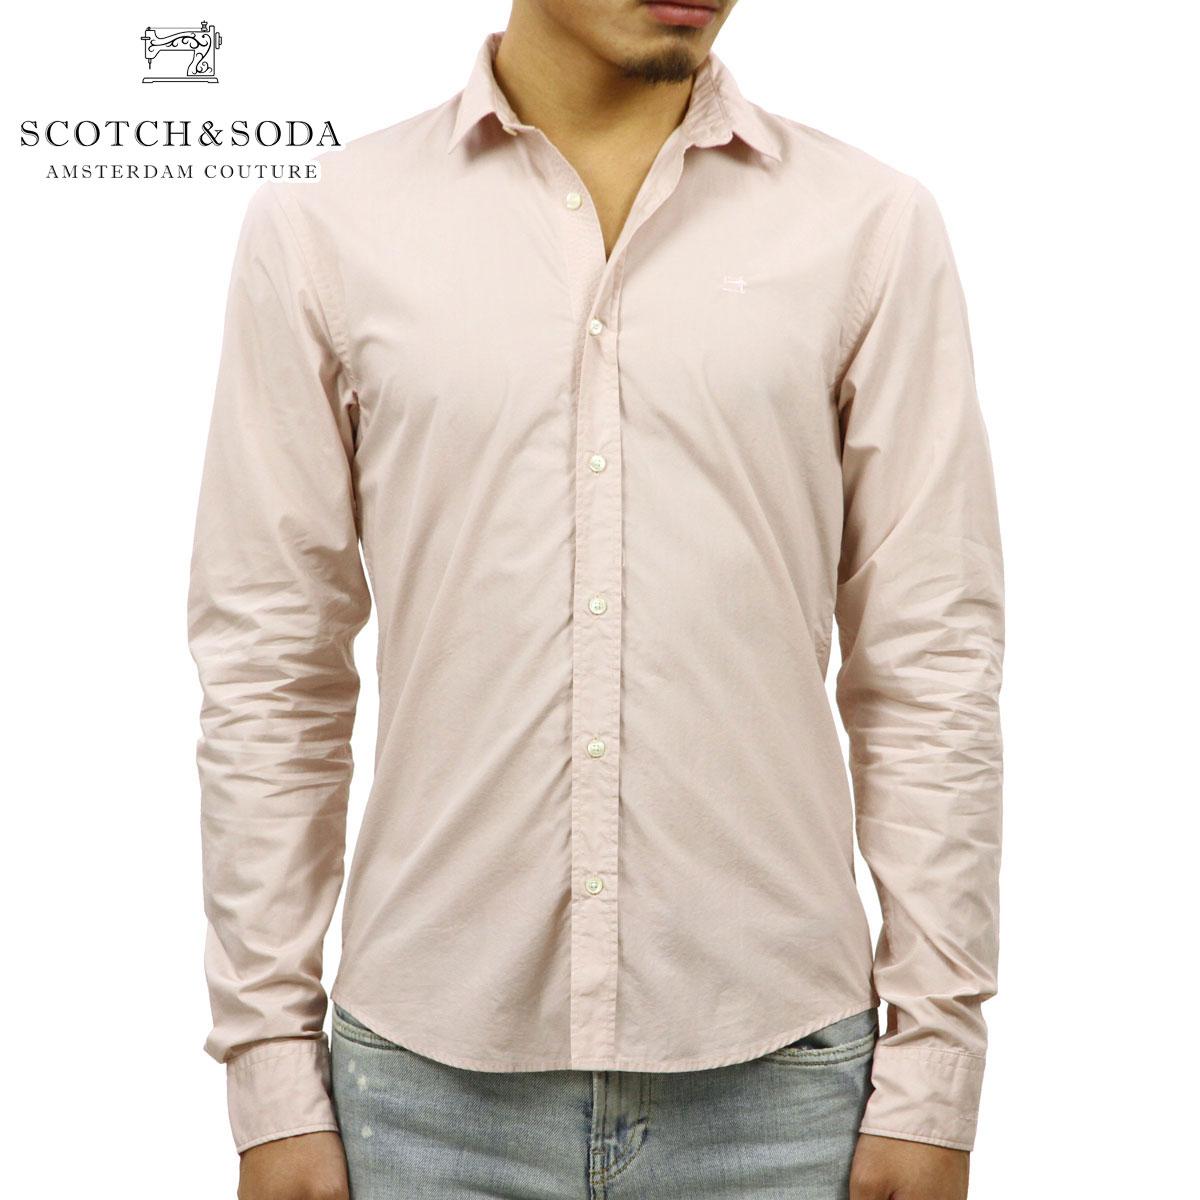 スコッチアンドソーダ SCOTCH&SODA 正規販売店 メンズ 長袖ドレスシャツ CRISPY POPLIN CLASSIC SHIRT 139561 1536 41409 SHELL